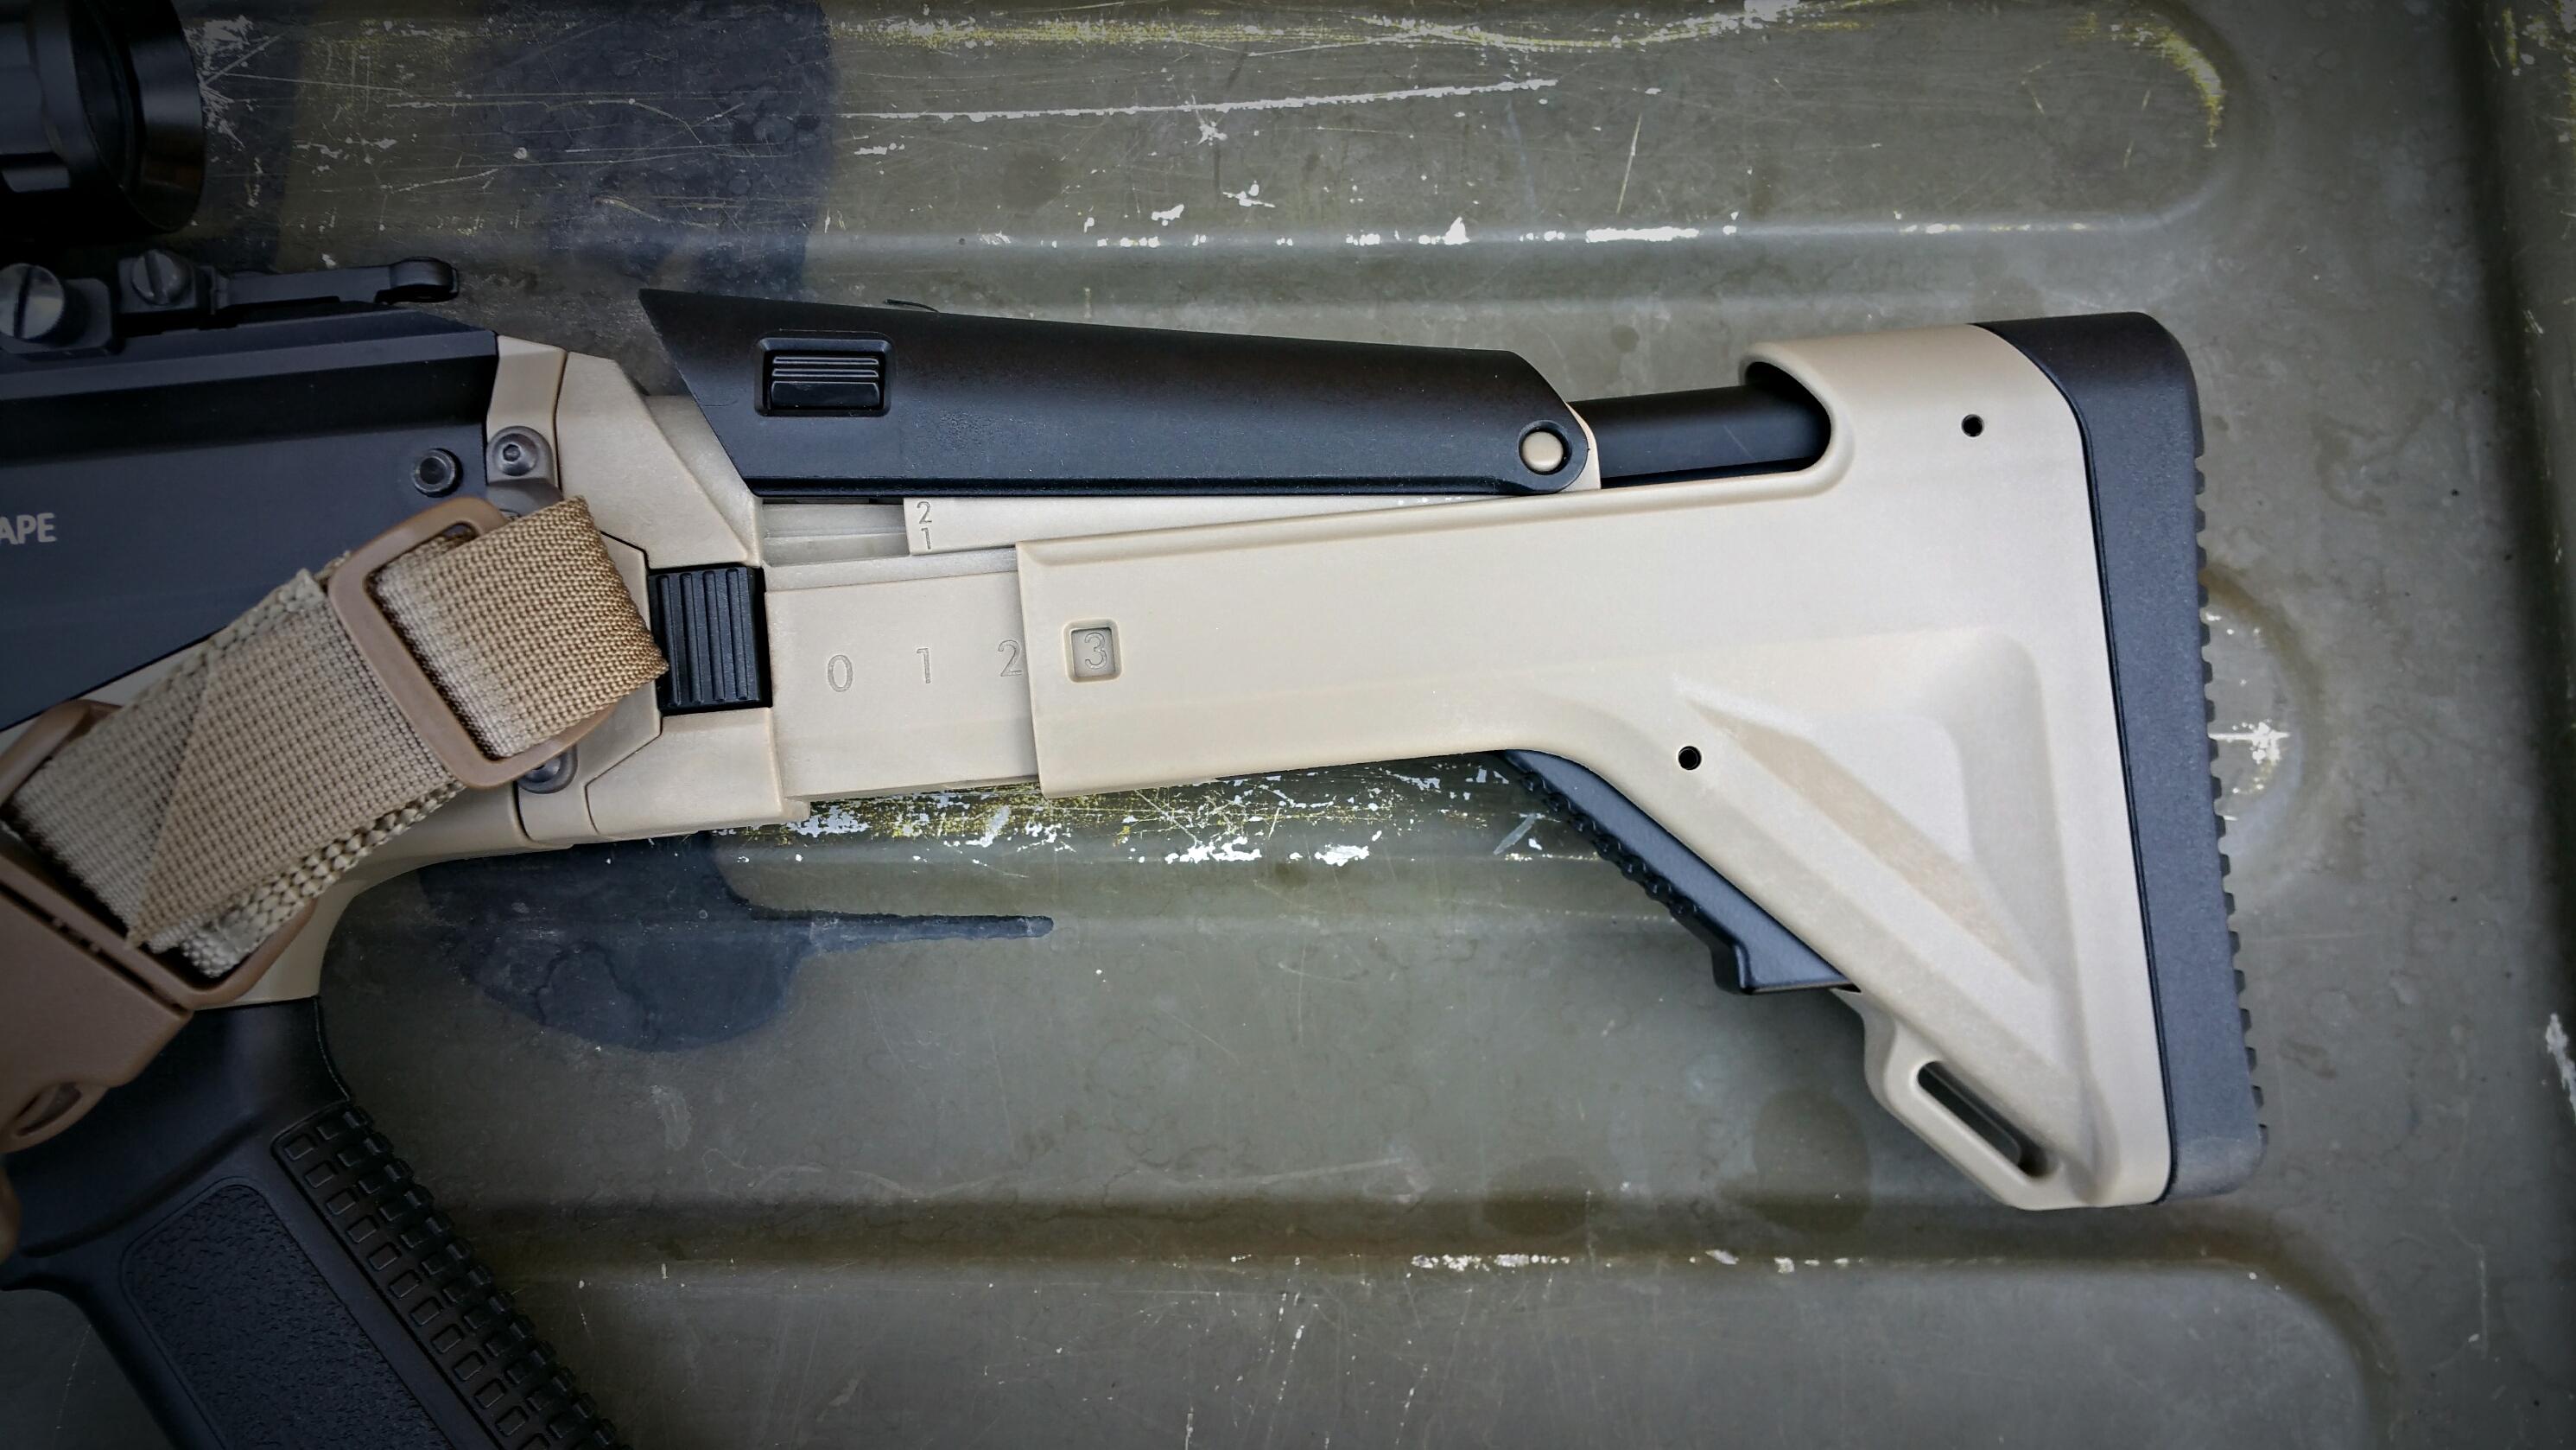 ICS CXP APE Airsoft Gun Review - Fox Airsoft LLC